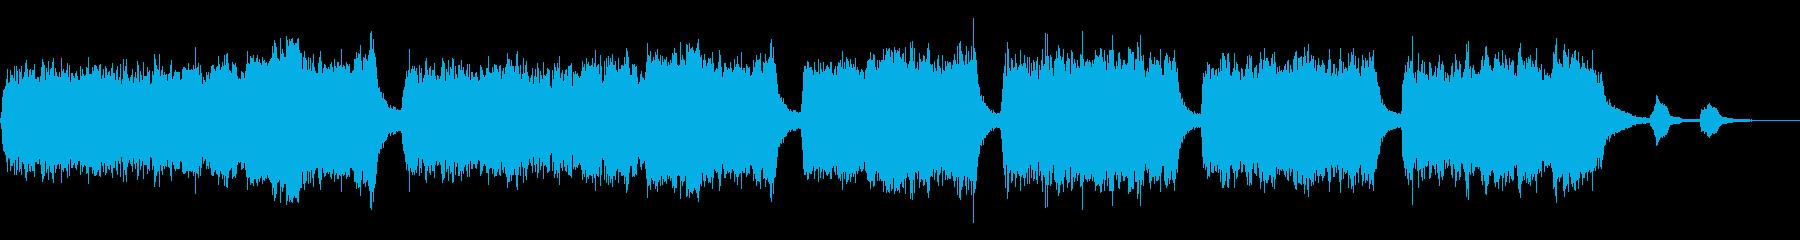 ハリウッド「悲しみ大声で泣く」の再生済みの波形